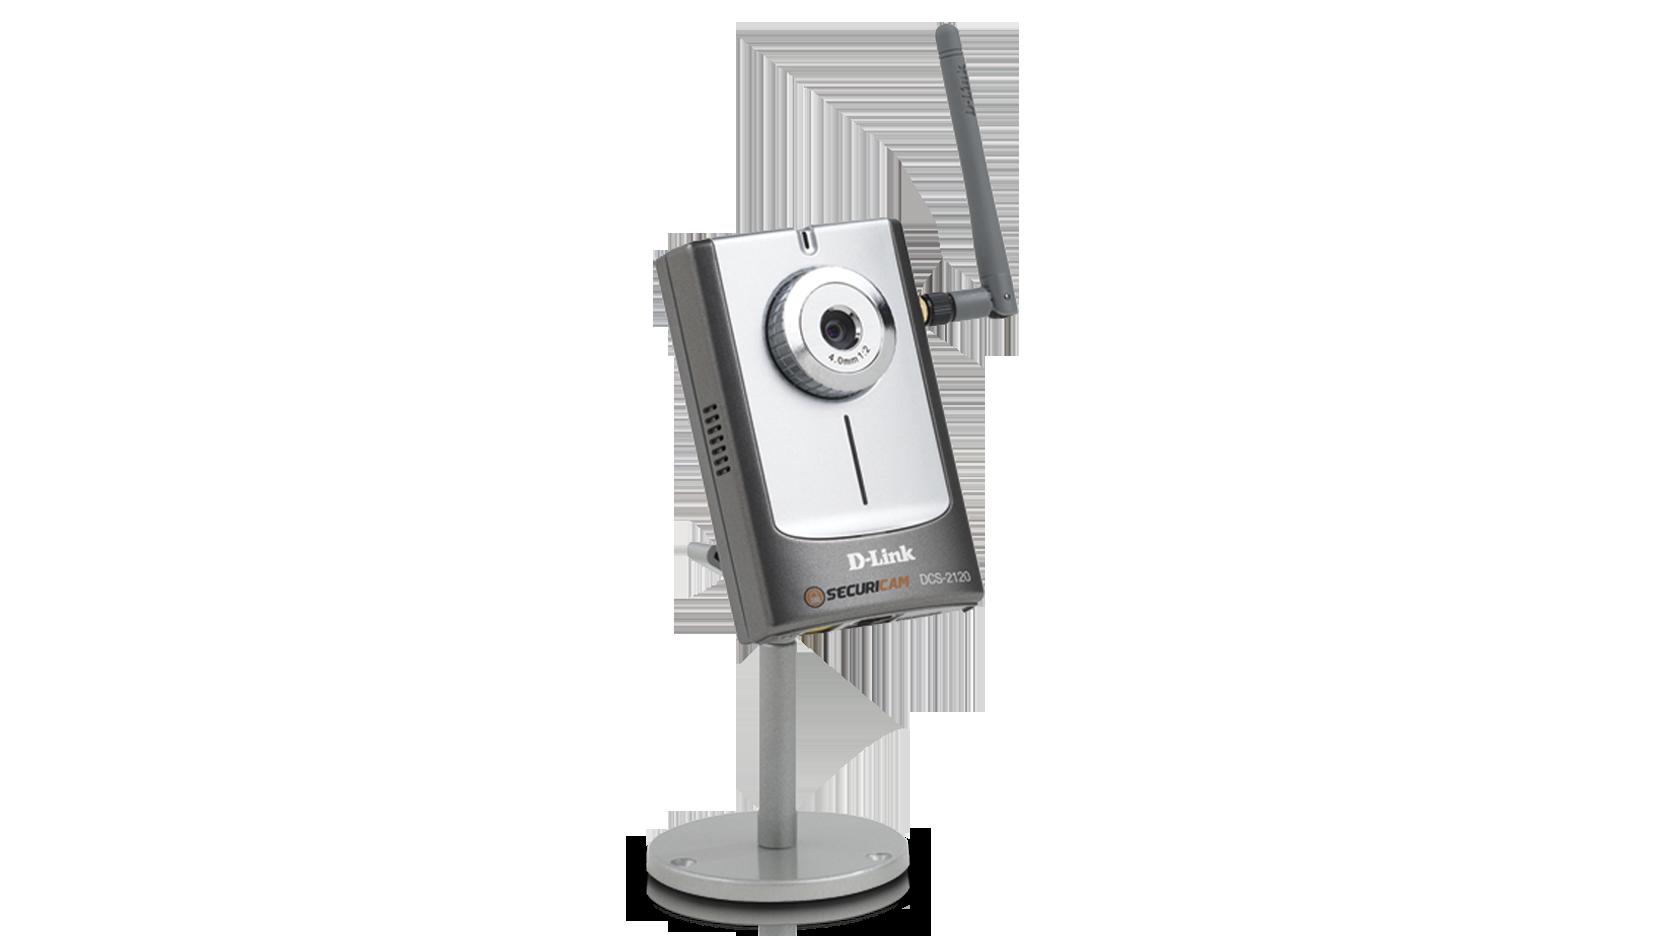 D-Link DCS-2120 Camera Driver (2019)